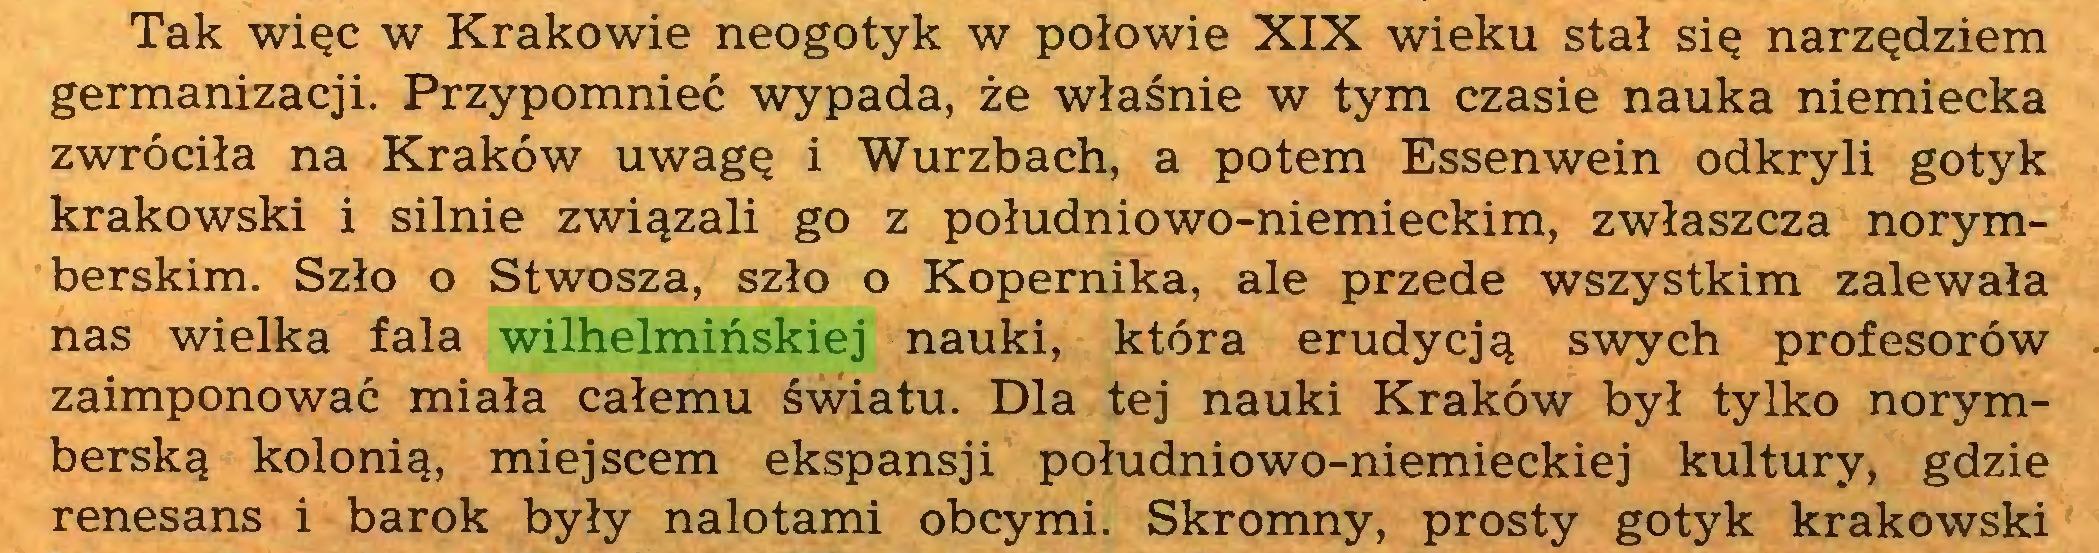 (...) Tak więc w Krakowie neogotyk w połowie XIX wieku stał się narzędziem germanizacji. Przypomnieć wypada, że właśnie w tym czasie nauka niemiecka zwróciła na Kraków uwagę i Wurzbach, a potem Essenwein odkryli gotyk krakowski i silnie związali go z południowo-niemieckim, zwłaszcza norymberskim. Szło o Stwosza, szło o Kopernika, ale przede wszystkim zalewała nas wielka fala wilhelmińskiej nauki, która erudycją swych profesorów zaimponować miała całemu światu. Dla tej nauki Kraków był tylko norymberską kolonią, miejscem ekspansji południowo-niemieckiej kultury, gdzie renesans i barok były nalotami obcymi. Skromny, prosty gotyk krakowski...